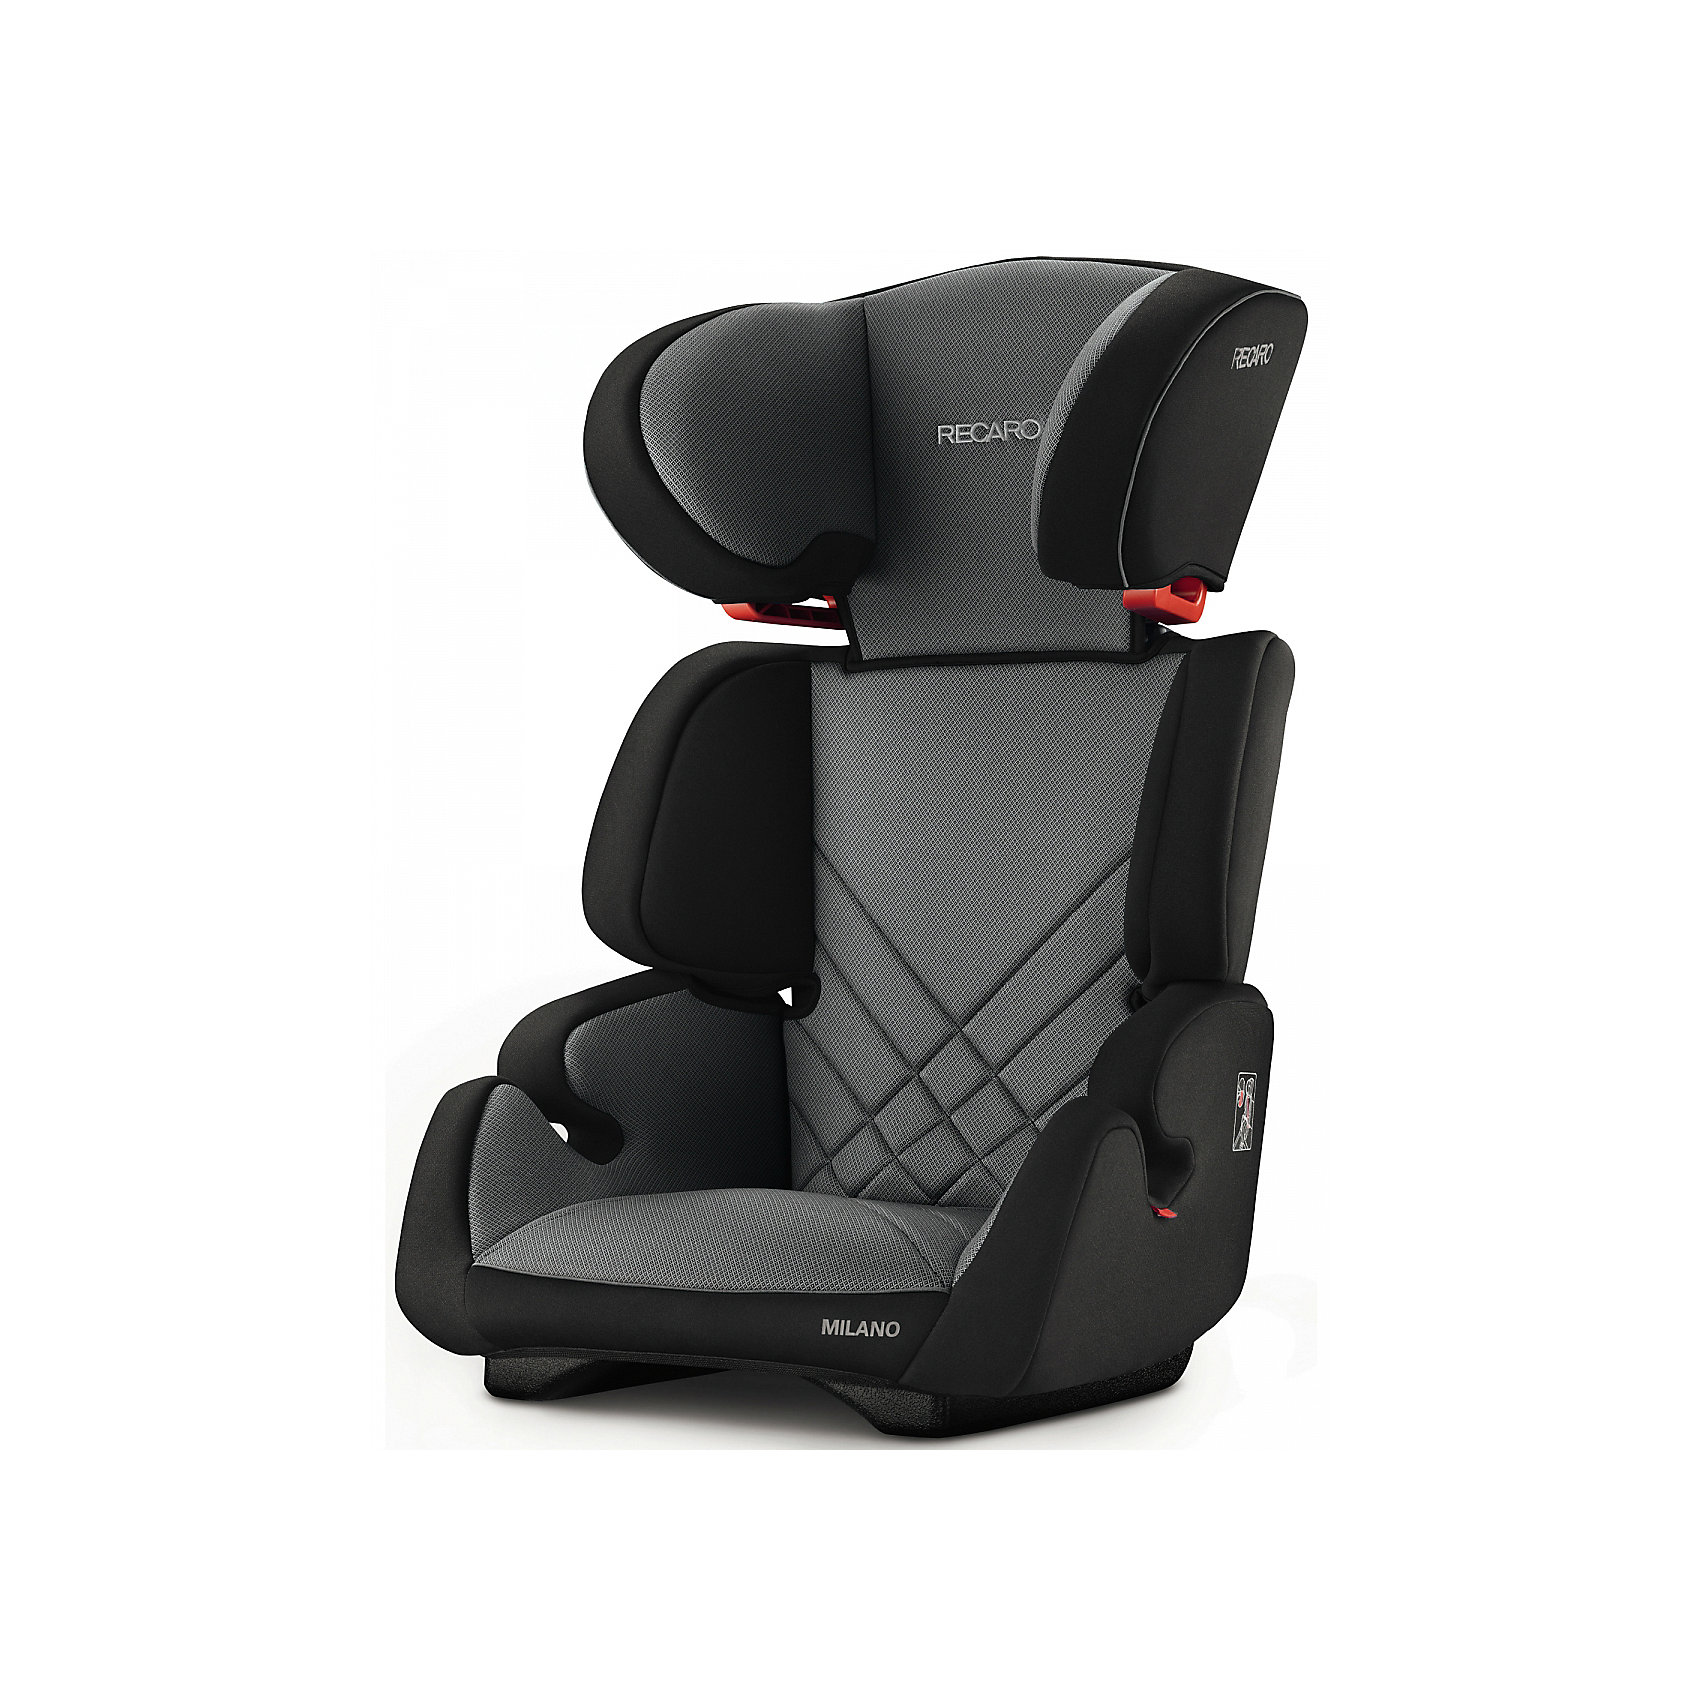 Автокресло RECARO Milano Seatfix 15-36 кг, Carbon BlackГруппа 2-3 (От 15 до 36 кг)<br>Характеристики:<br><br>• группа автокресла: 2/3;<br>• вес ребенка: 15-36 кг;<br>• возраст ребенка: от 3 до 12 лет;<br>• рост ребенка: от 95 до 150 см;<br>• способ крепления: встроенная система IsoFix;<br>• способ установки: лицом по ходу движения автомобиля;<br>• регулируется высота подголовника: 6 положений;<br>• циркуляция воздуха внутри автокресла;<br>• наличие подлокотников;<br>• усиленная боковая защита;<br>• материал: пластик, полиэстер.<br><br>Размеры:<br><br>• размер автокресла: 61х50х45 см;<br>• высота спинки автокресла: 55/67 см;<br>• ширина сиденья: 29 см;<br>• глубина сиденья: 29 см;<br>• ширина подголовника: 20 см;<br>• вес: 6 кг.<br><br>Автокресло Milano Seatfix - продуманный вариант для подросших любителей путешествовать в автомобиле. Автокресло устанавливается на заднем сидении автомобиля с любой стороны. Встроенная система Изофикс позволяет легко и прочно устанавливать автокресло в салоне автомобиля. Регулирование высоты подголовника дает возможность настроить удобное положение в зависимости от того, как ребенок растет. Съемные чехлы можно стирать при температуре 30 градусов без отжима. <br><br>Автокресло Milano Seatfix 15-36 кг., Recaro, Carbon Black можно купить в нашем интернет-магазине.<br><br>Ширина мм: 610<br>Глубина мм: 500<br>Высота мм: 450<br>Вес г: 6000<br>Возраст от месяцев: 36<br>Возраст до месяцев: 144<br>Пол: Унисекс<br>Возраст: Детский<br>SKU: 5396744